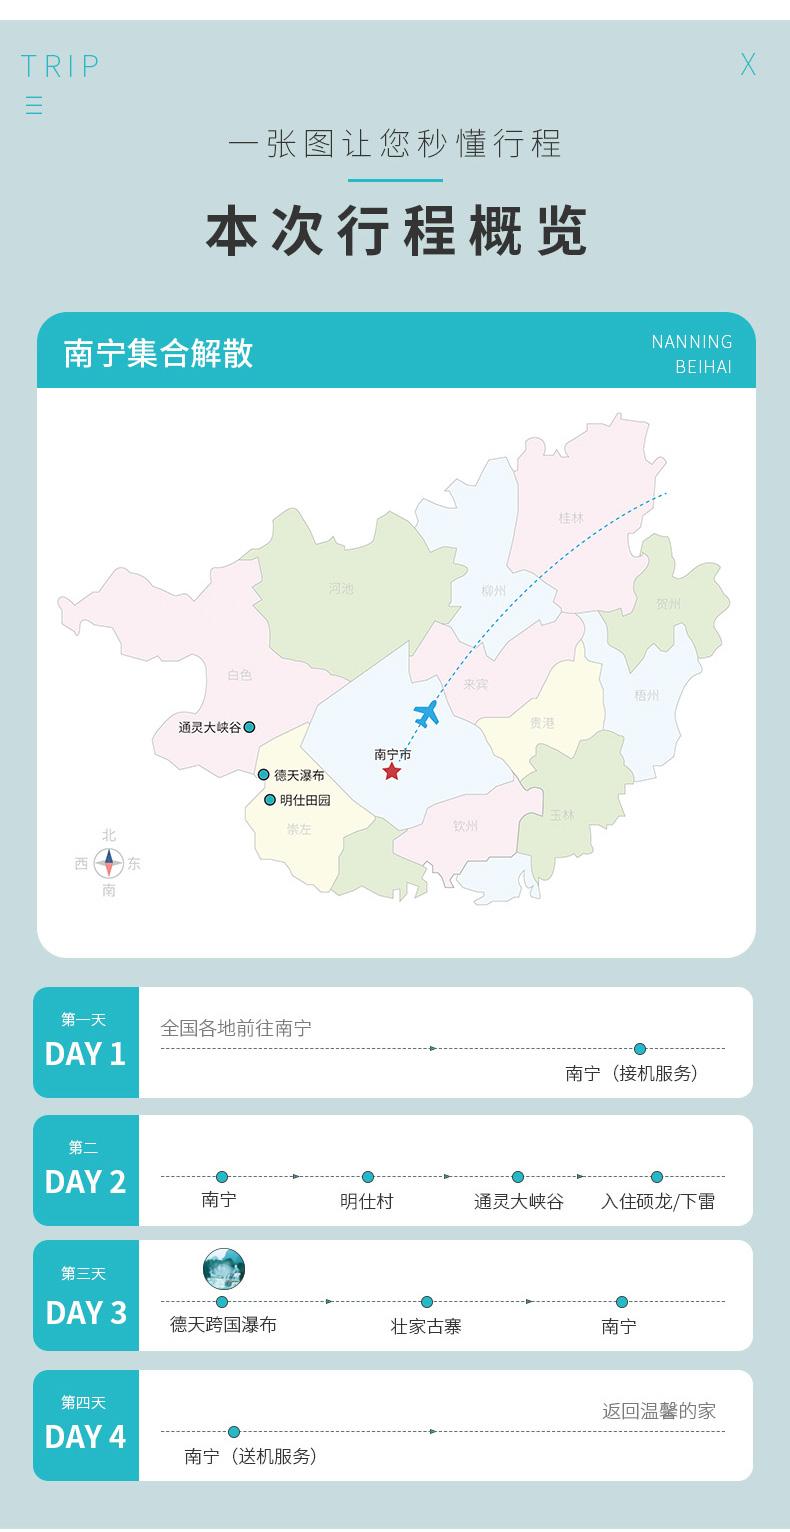 南宁-德天-通灵-4日游-详情页_10.jpg